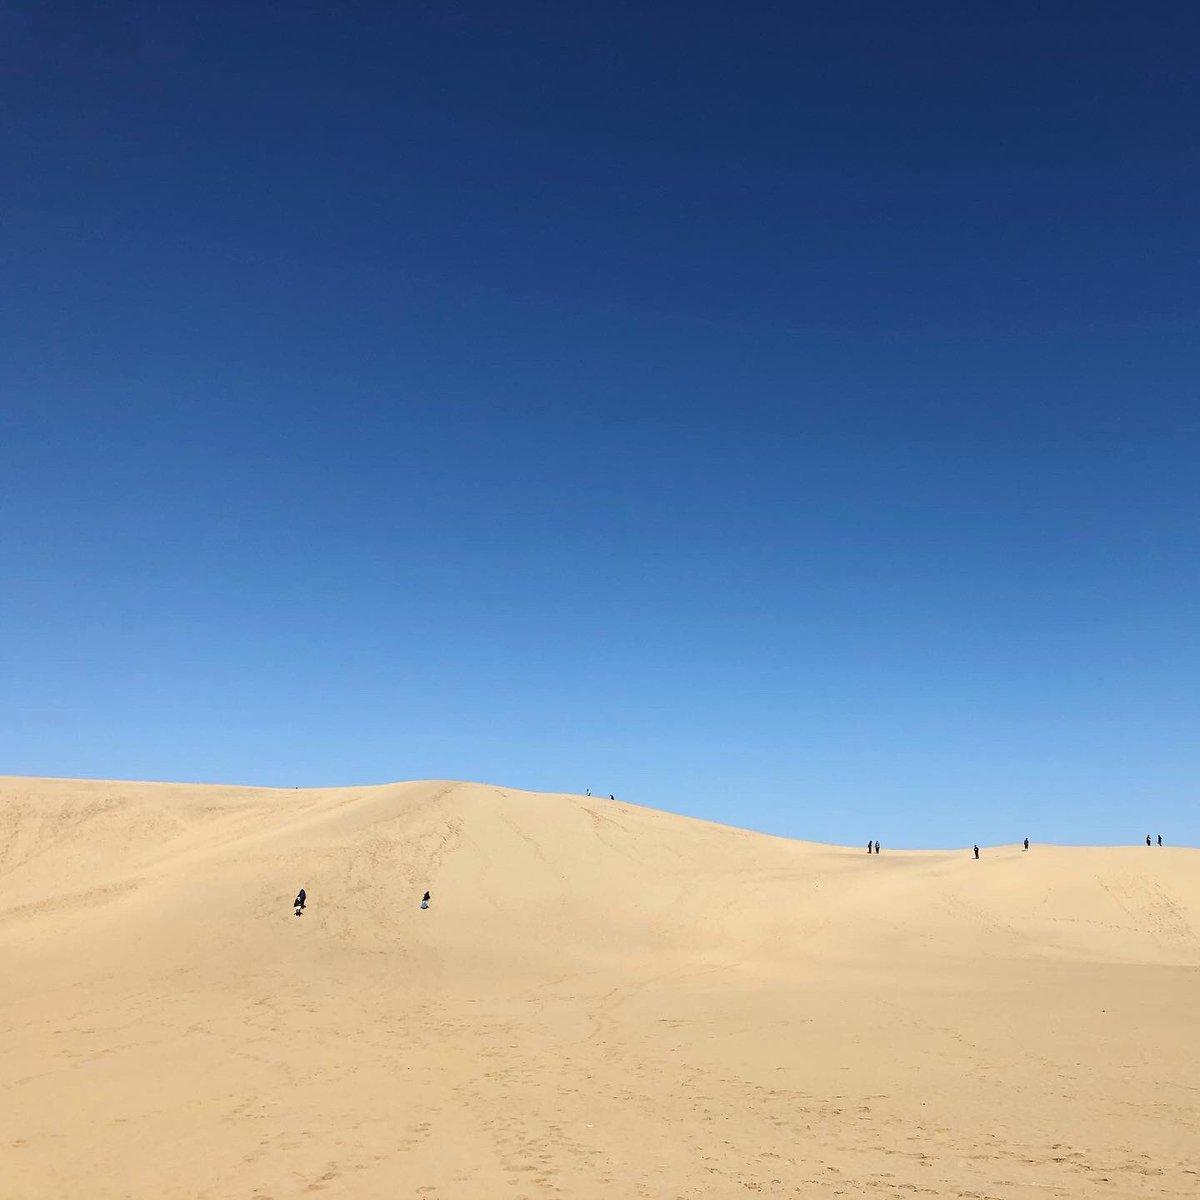 空と砂丘の美しさを再現!鳥取限定のスターバックスのマグカップが綺麗!